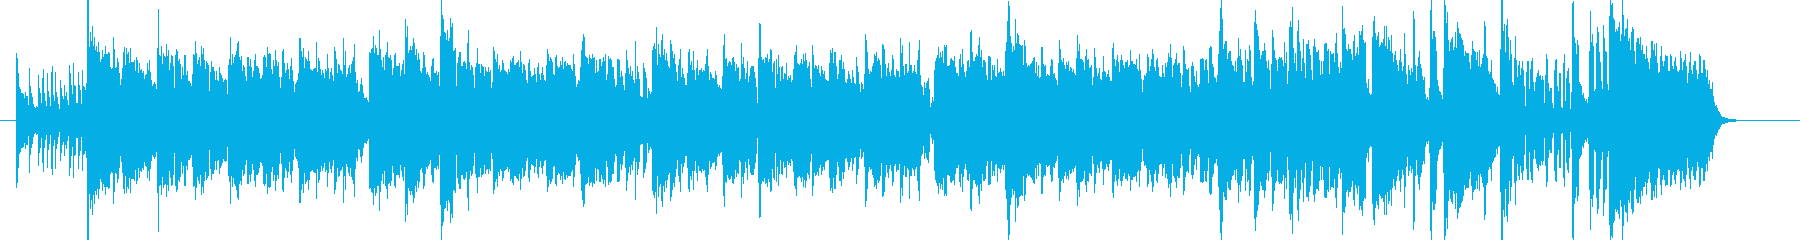 軽快なモダンジャズハードバップshortの再生済みの波形